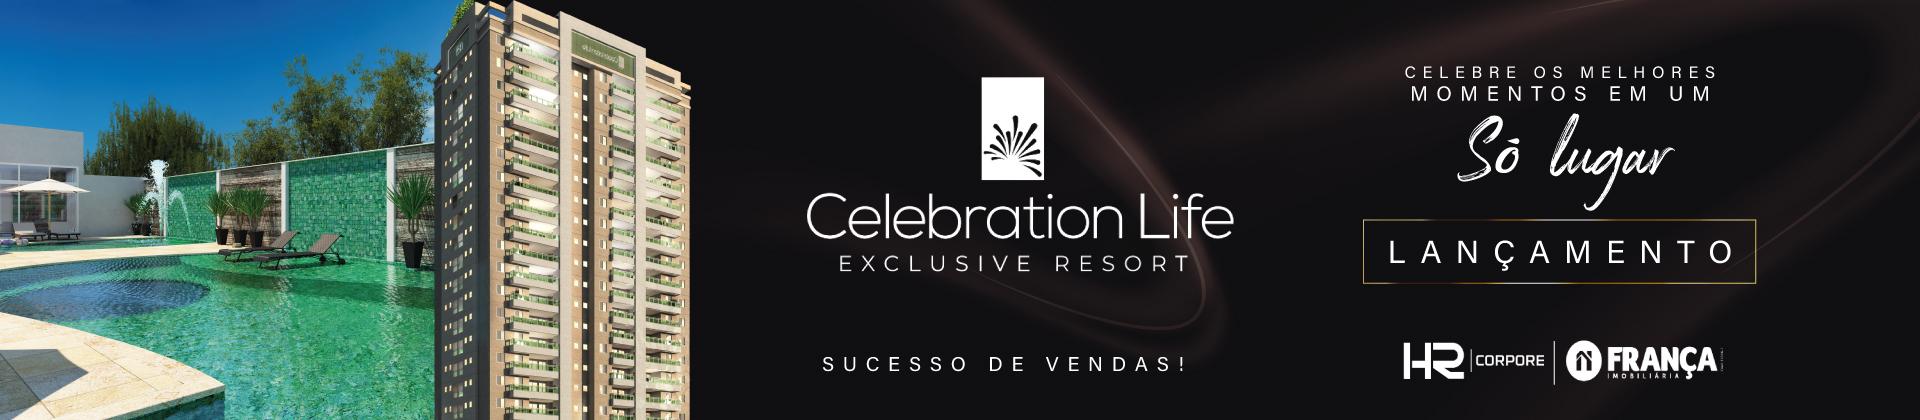 Celebration Life